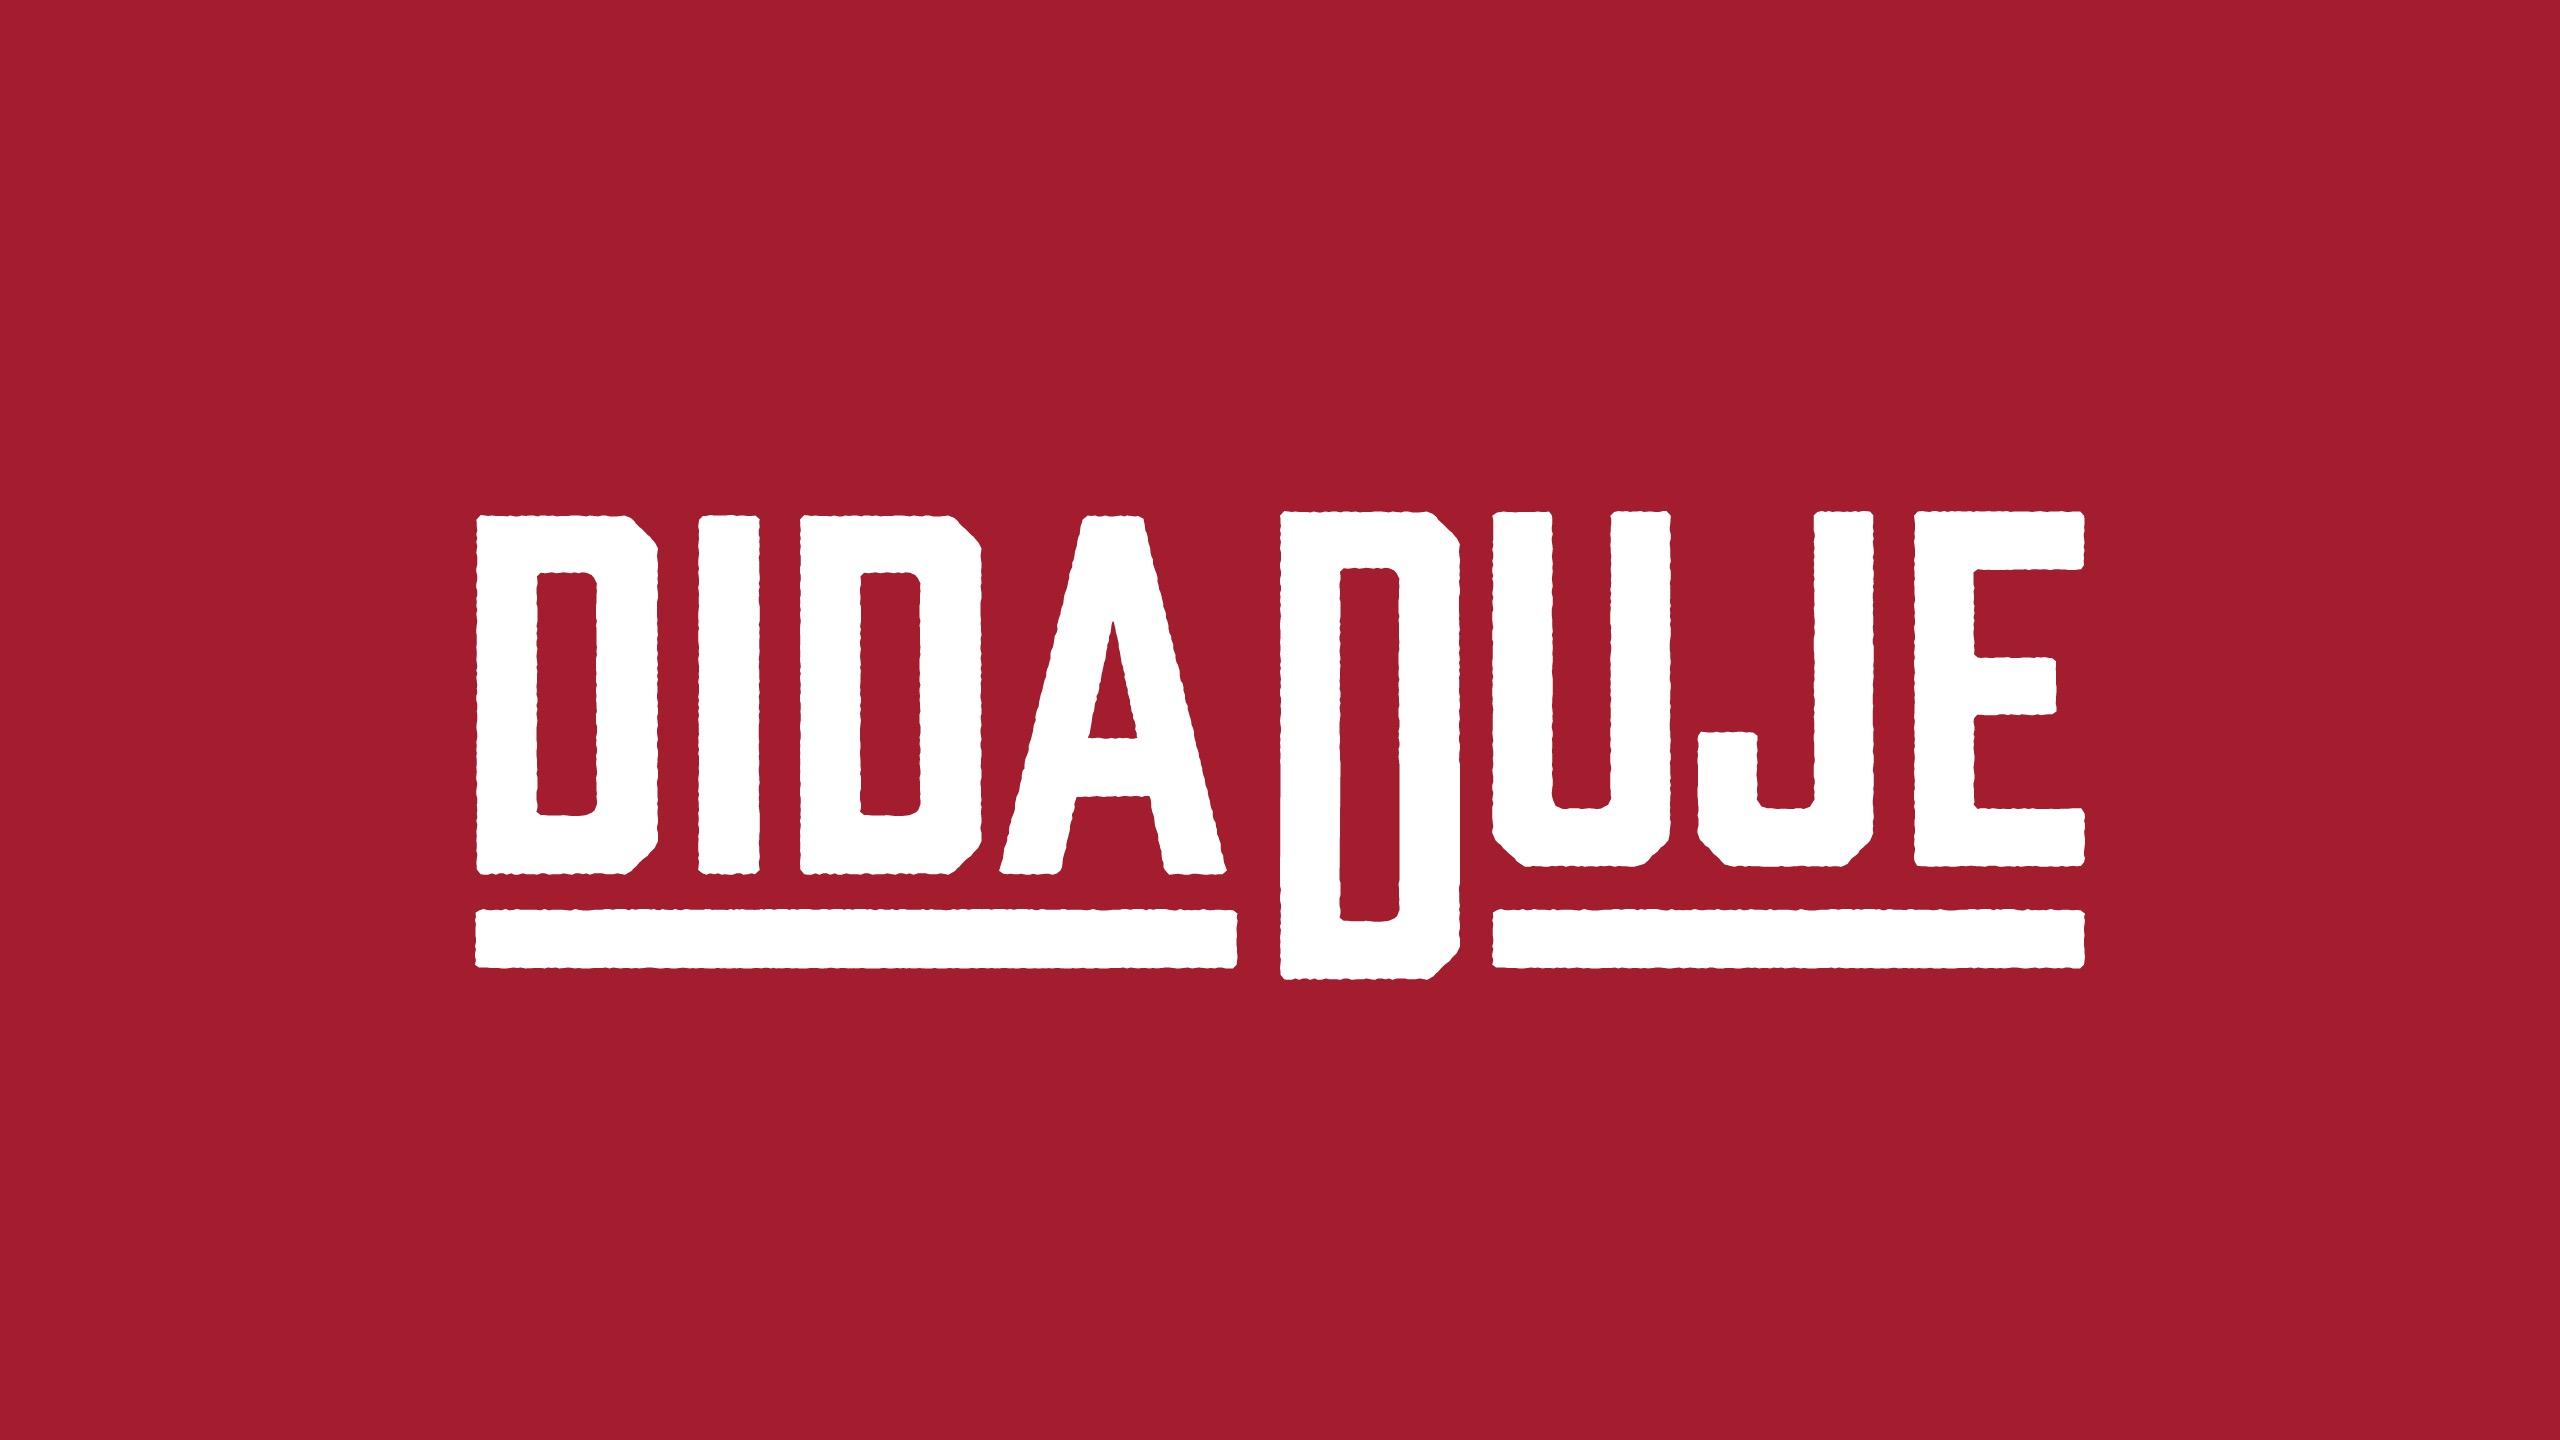 DUJE-01-1-dizajn-studio-sudar-zagreb